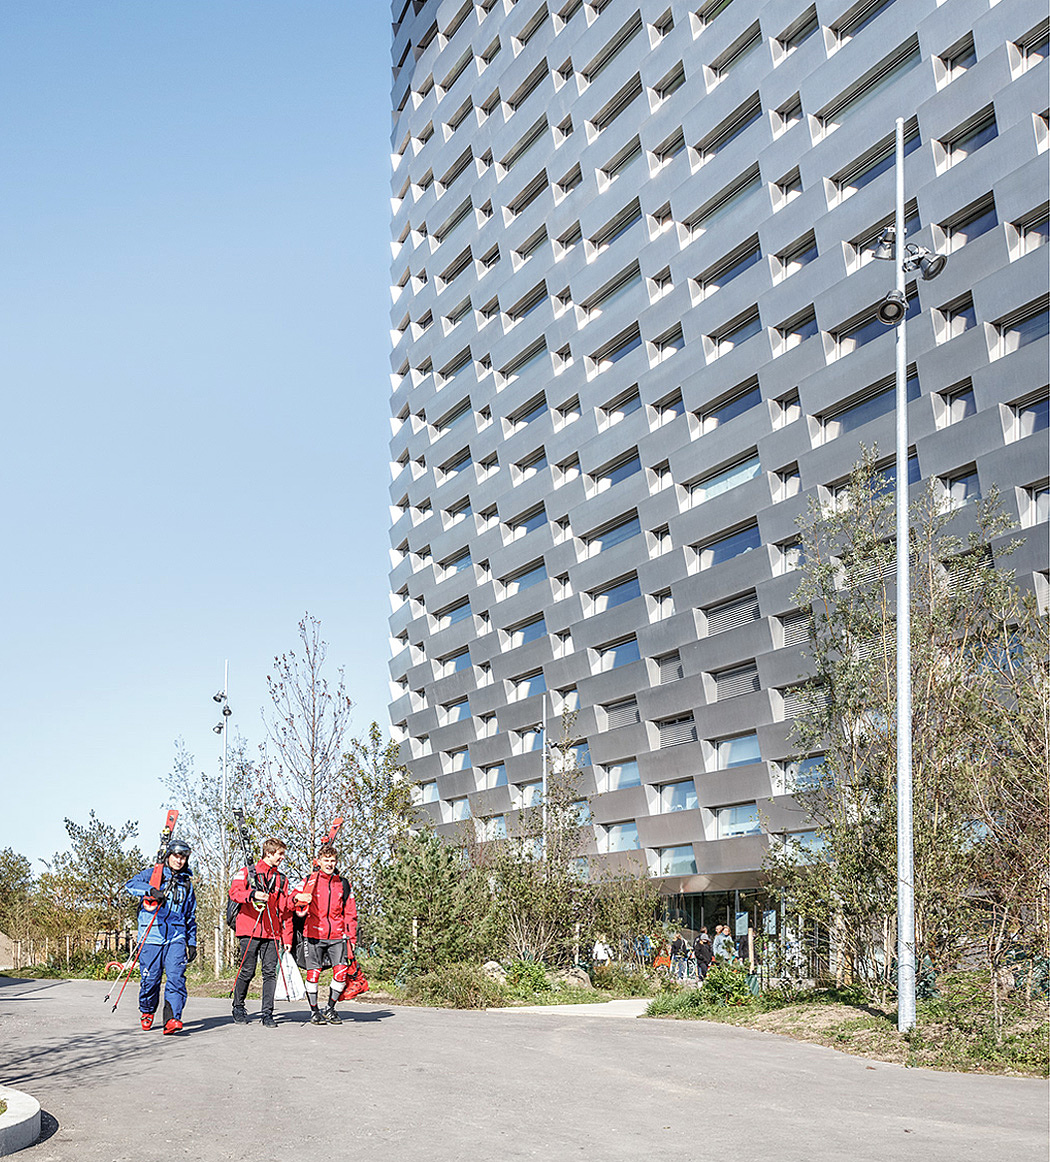 BIG作品:可兼作滑雪场的哥本哈根Copenhill垃圾焚烧发电厂